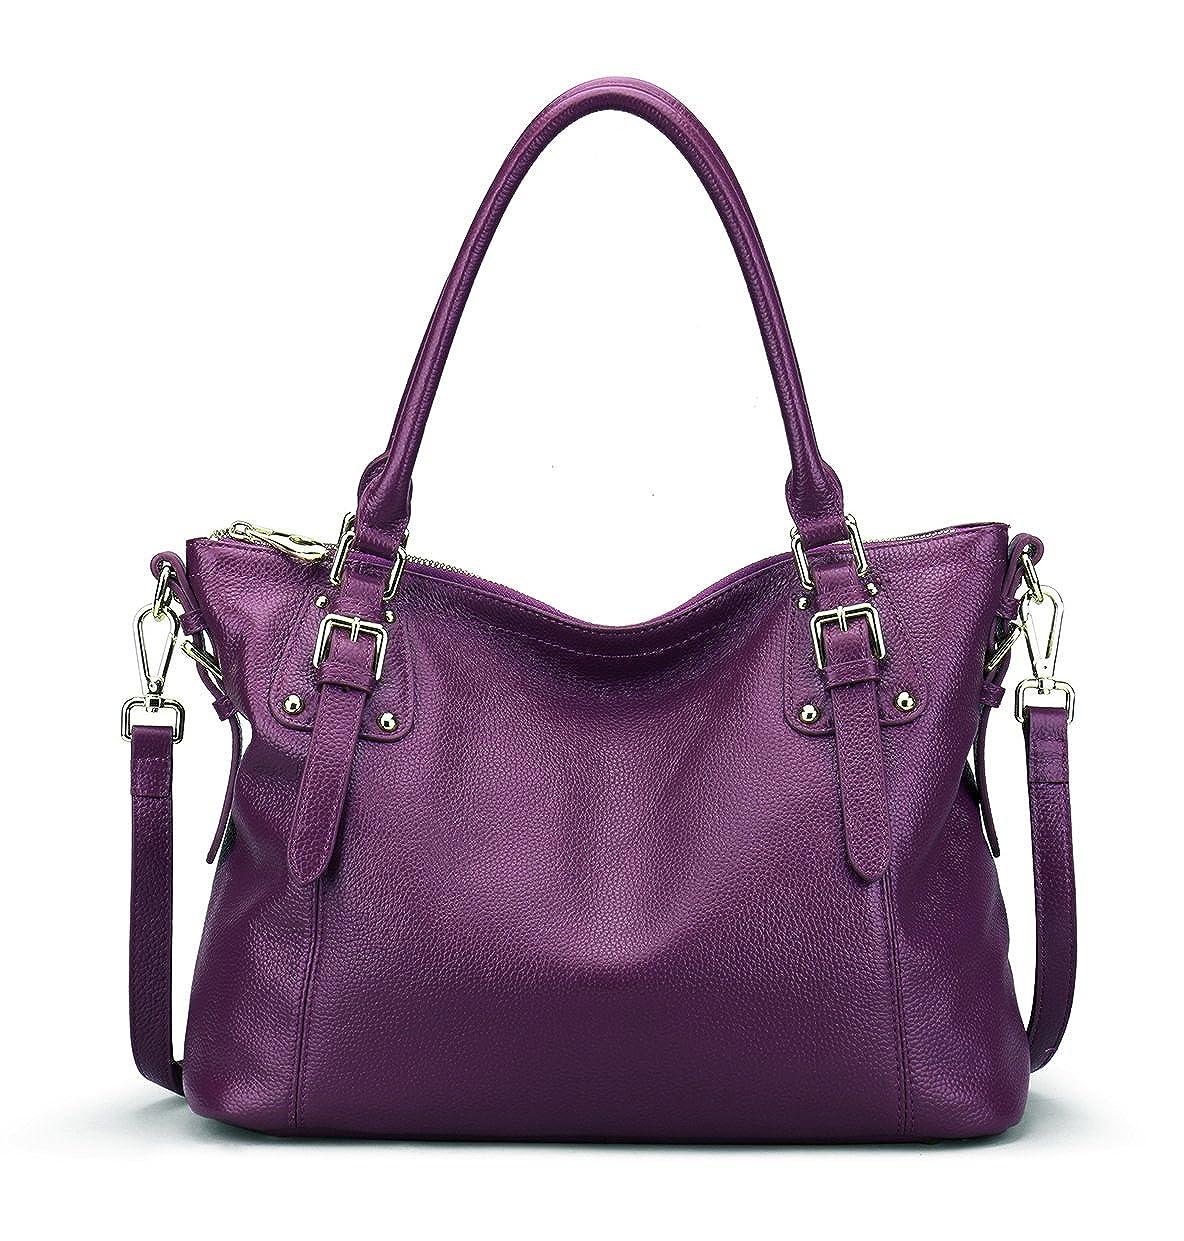 7535713d3e2 Amazon.com  BIG SALE-AINIMOER Women s Large Leather Vintage Shoulder Bags  Handbags Ladies Top handle Purse Cross Body Bag  Shoes